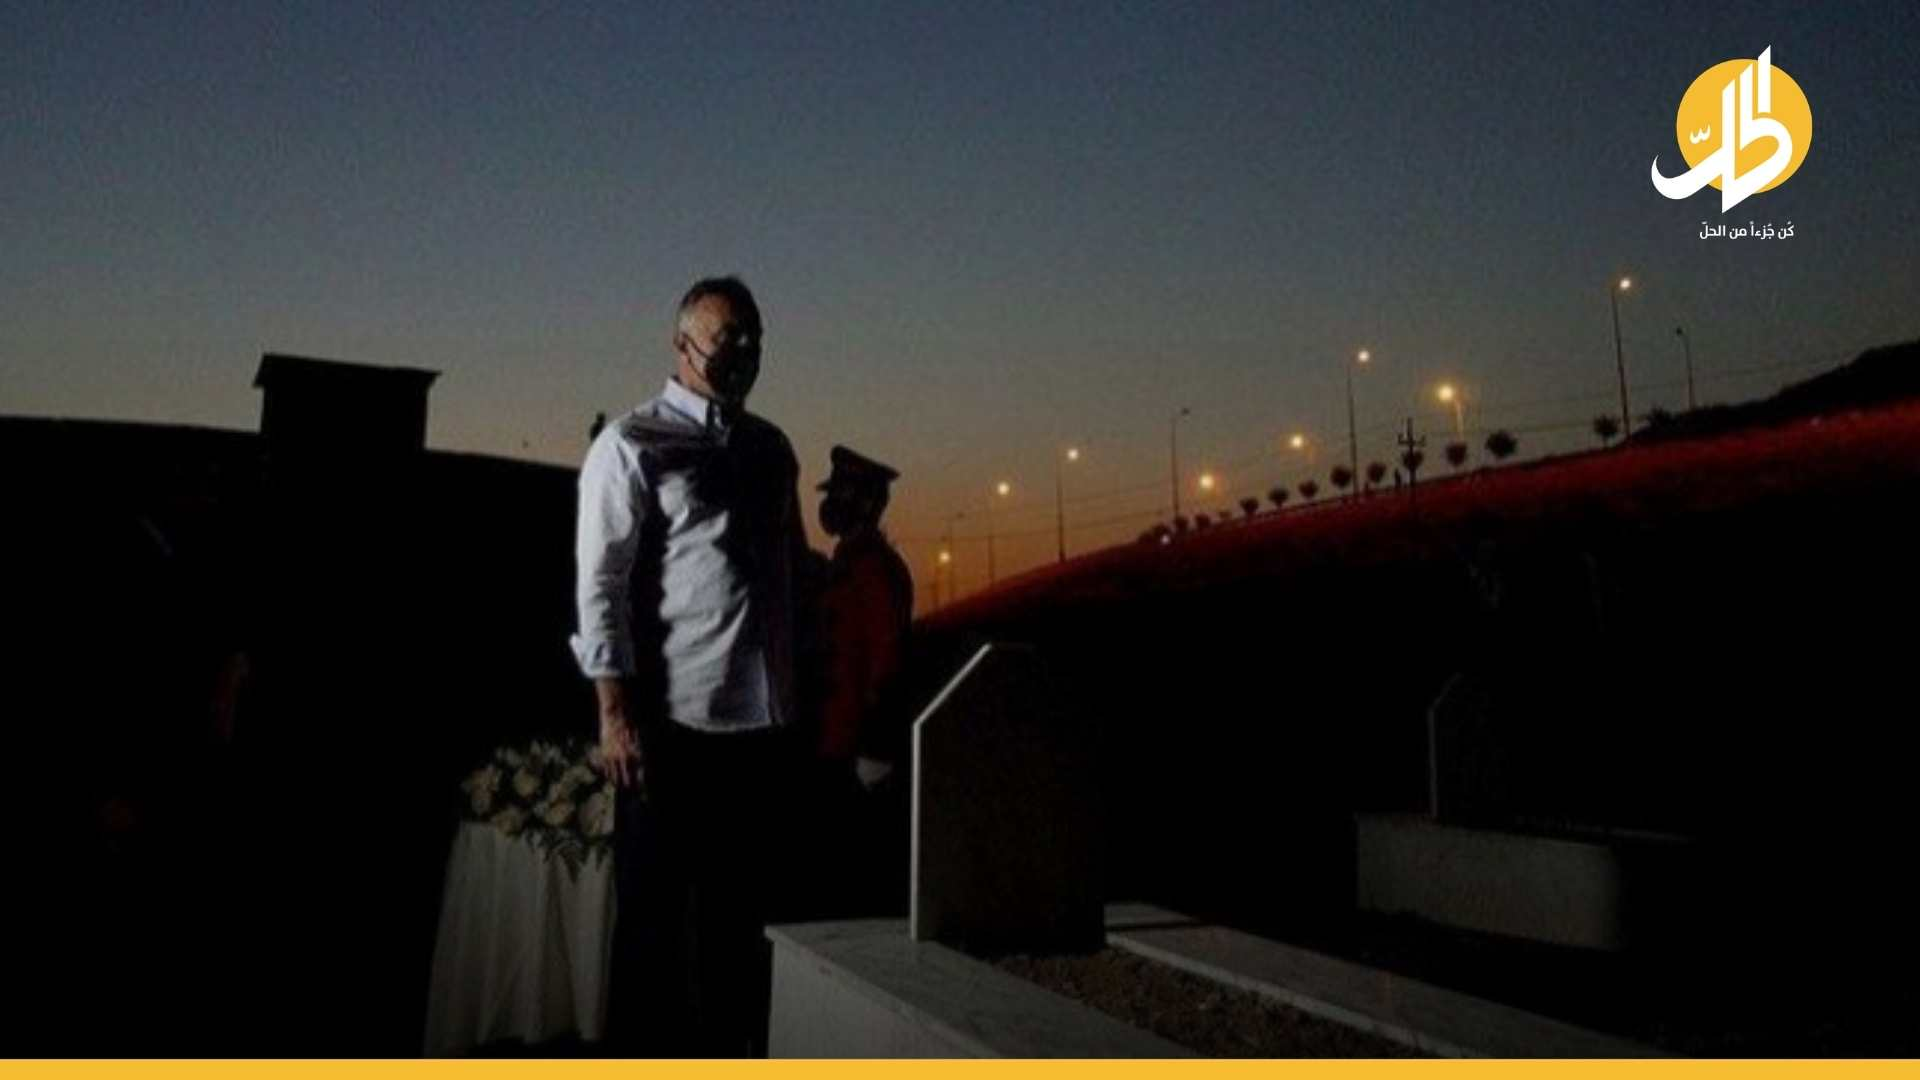 """بغداد تستذكر """"جريمَة الأنفال"""".. أربيل تُطالب بتعويض عوائل الضحايا"""